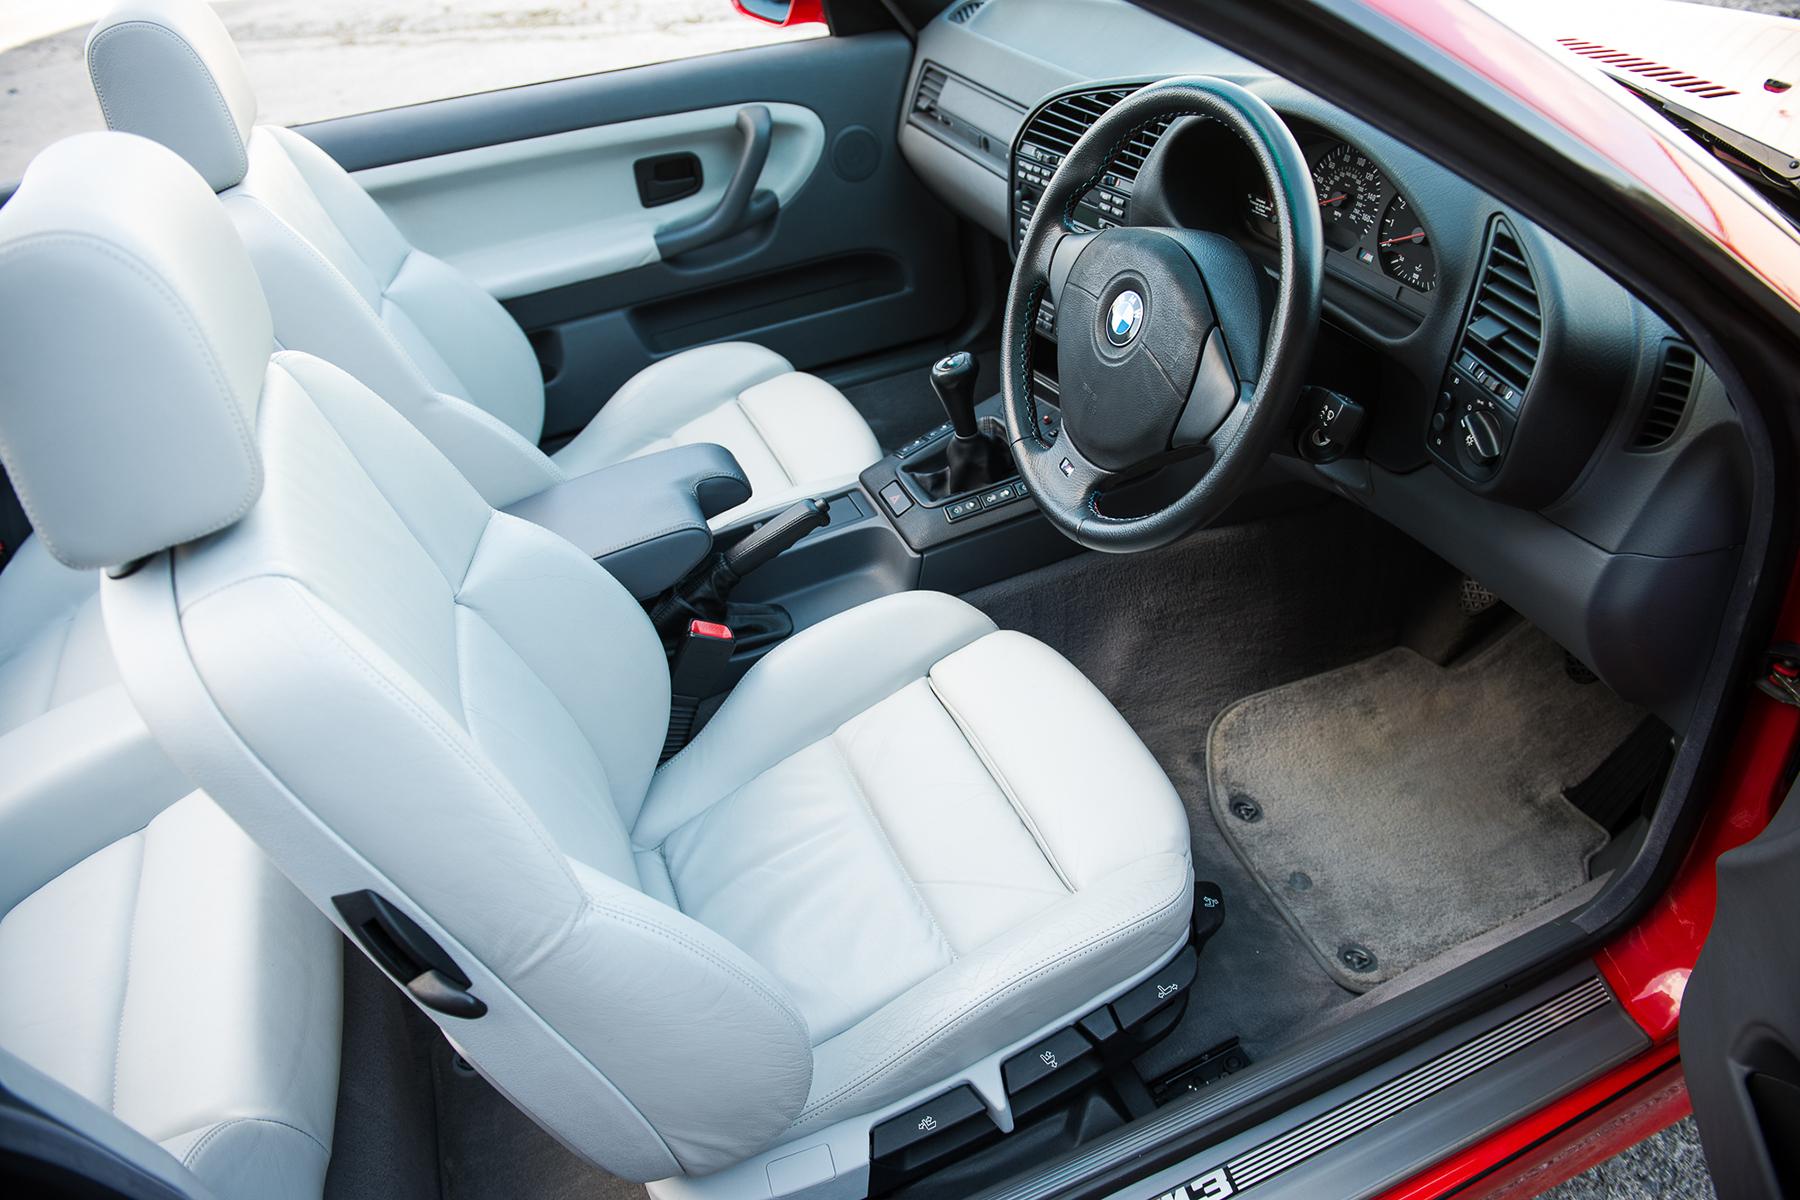 Bmw M3 E36 Sedan Interior Www Indiepedia Org